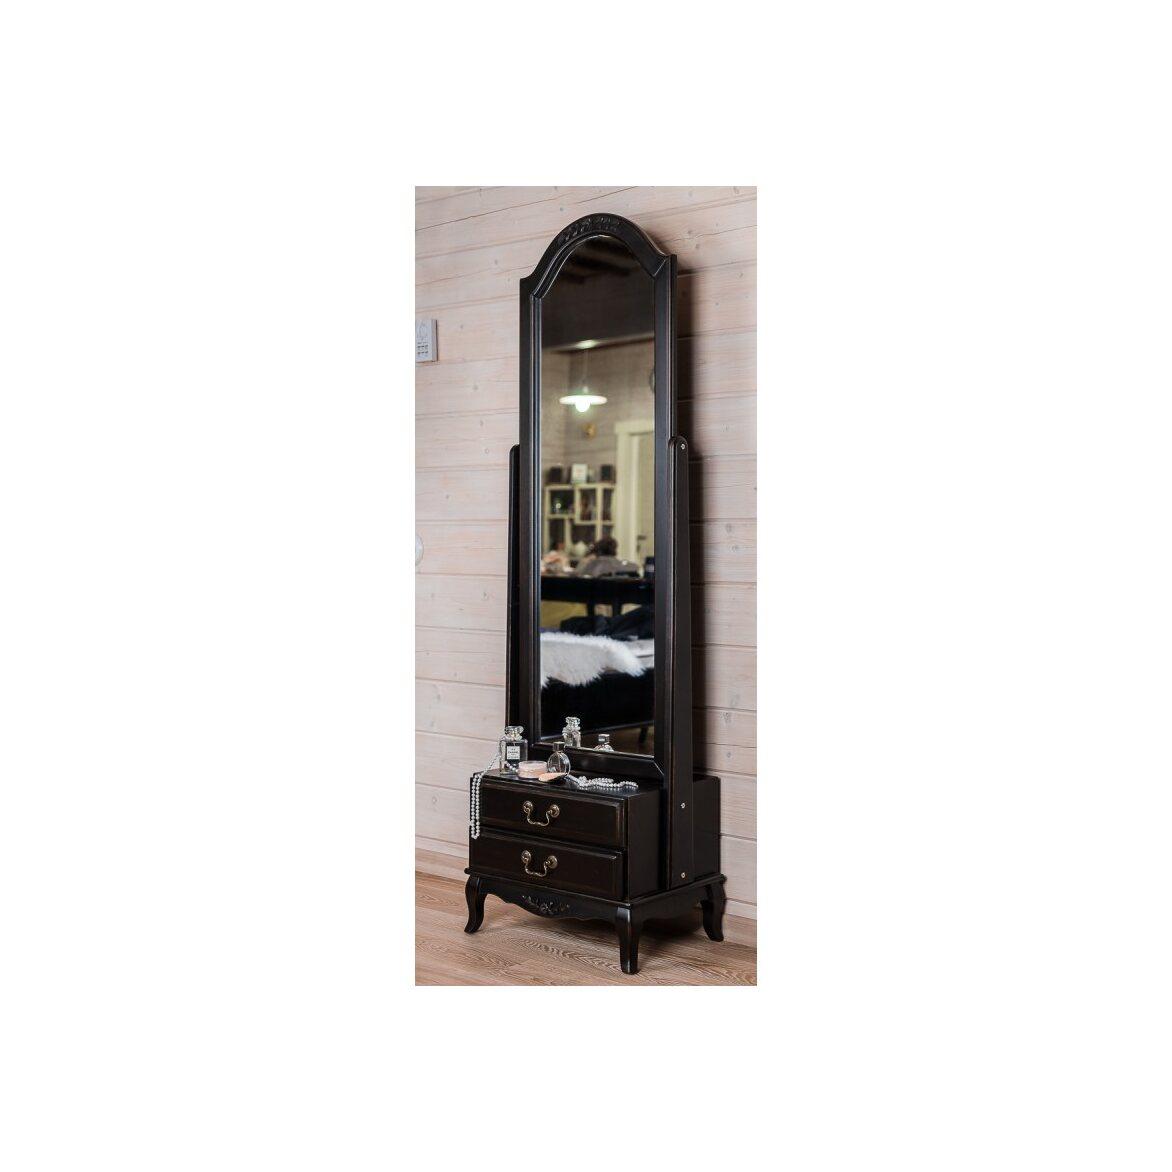 Большое напольное зеркало Leontina, черного цвета 4 | Прямоугольные зеркала Kingsby